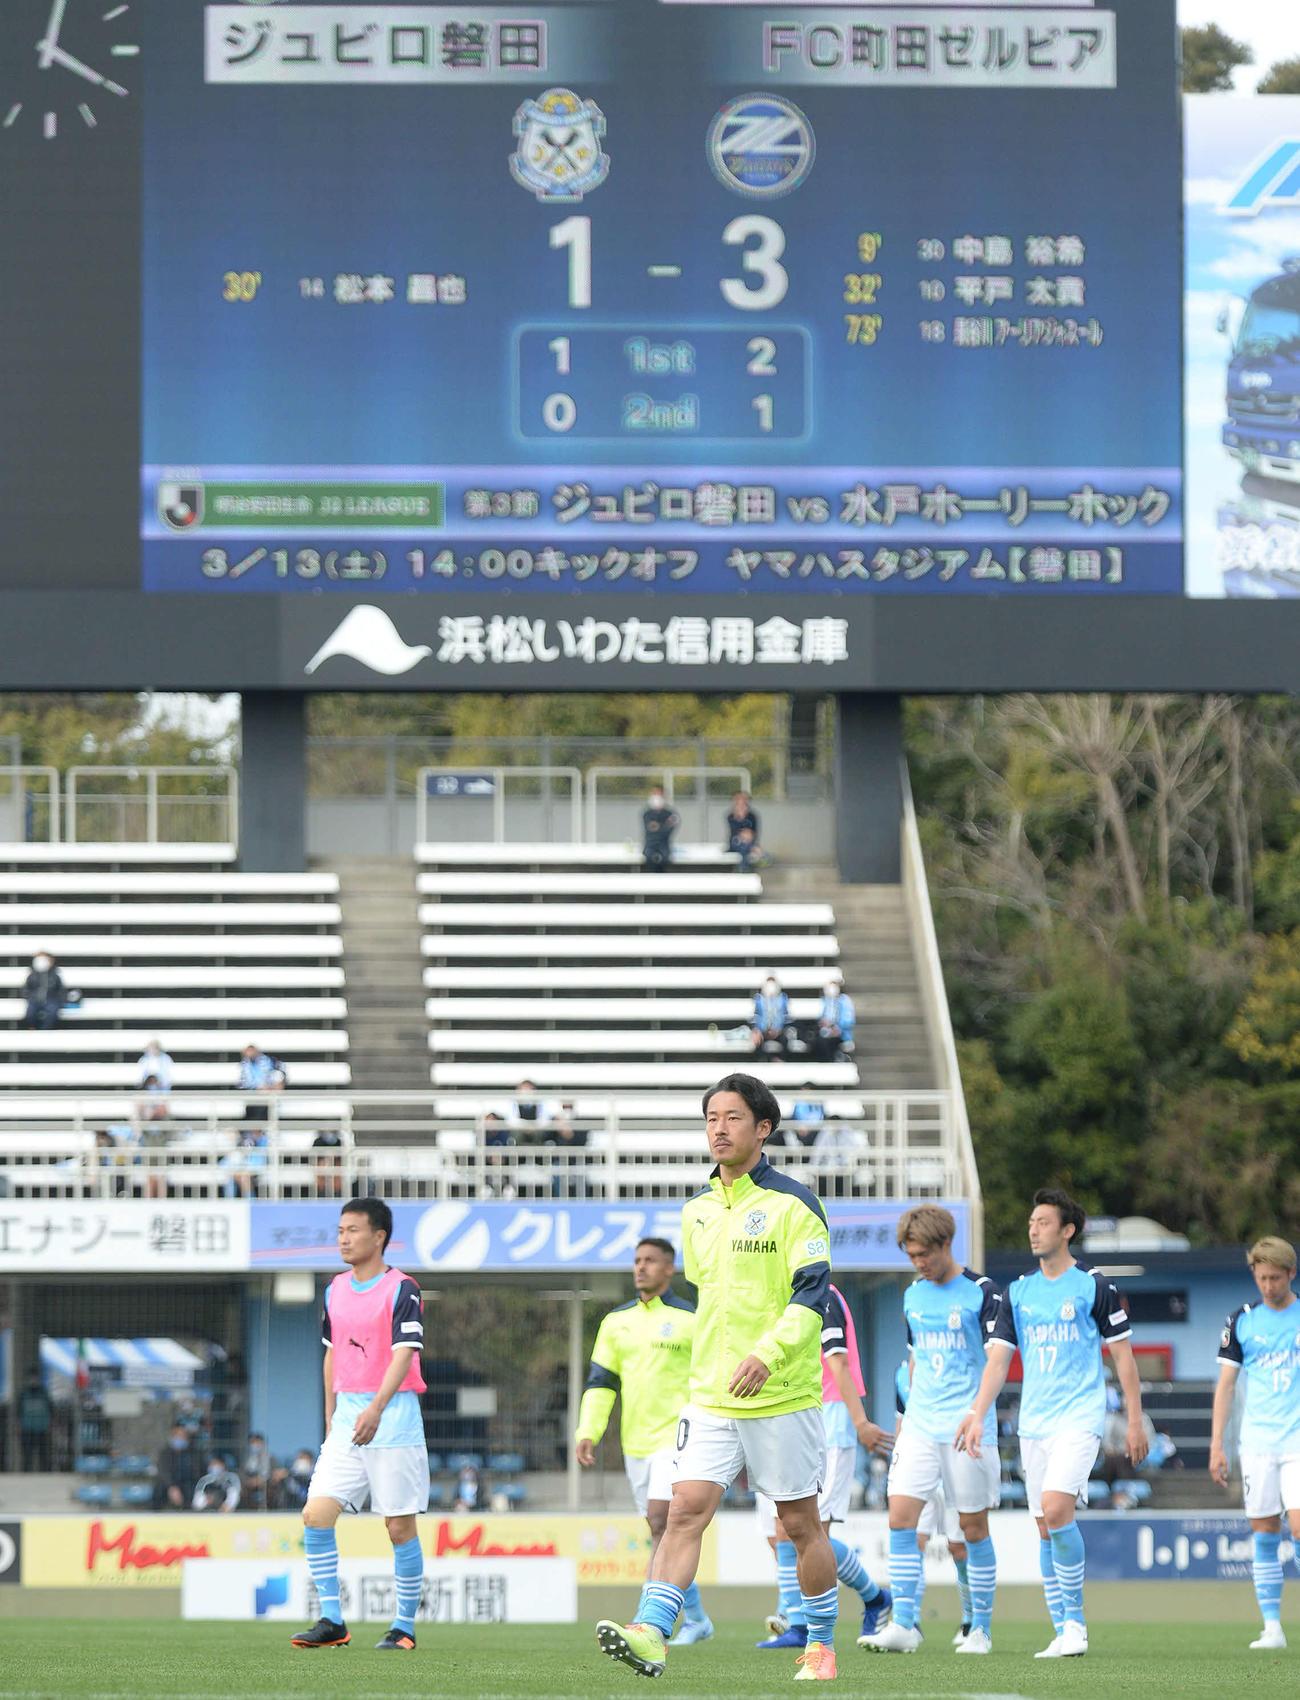 開幕連敗を喫し、うなだれながらピッチを後にする磐田の選手たち